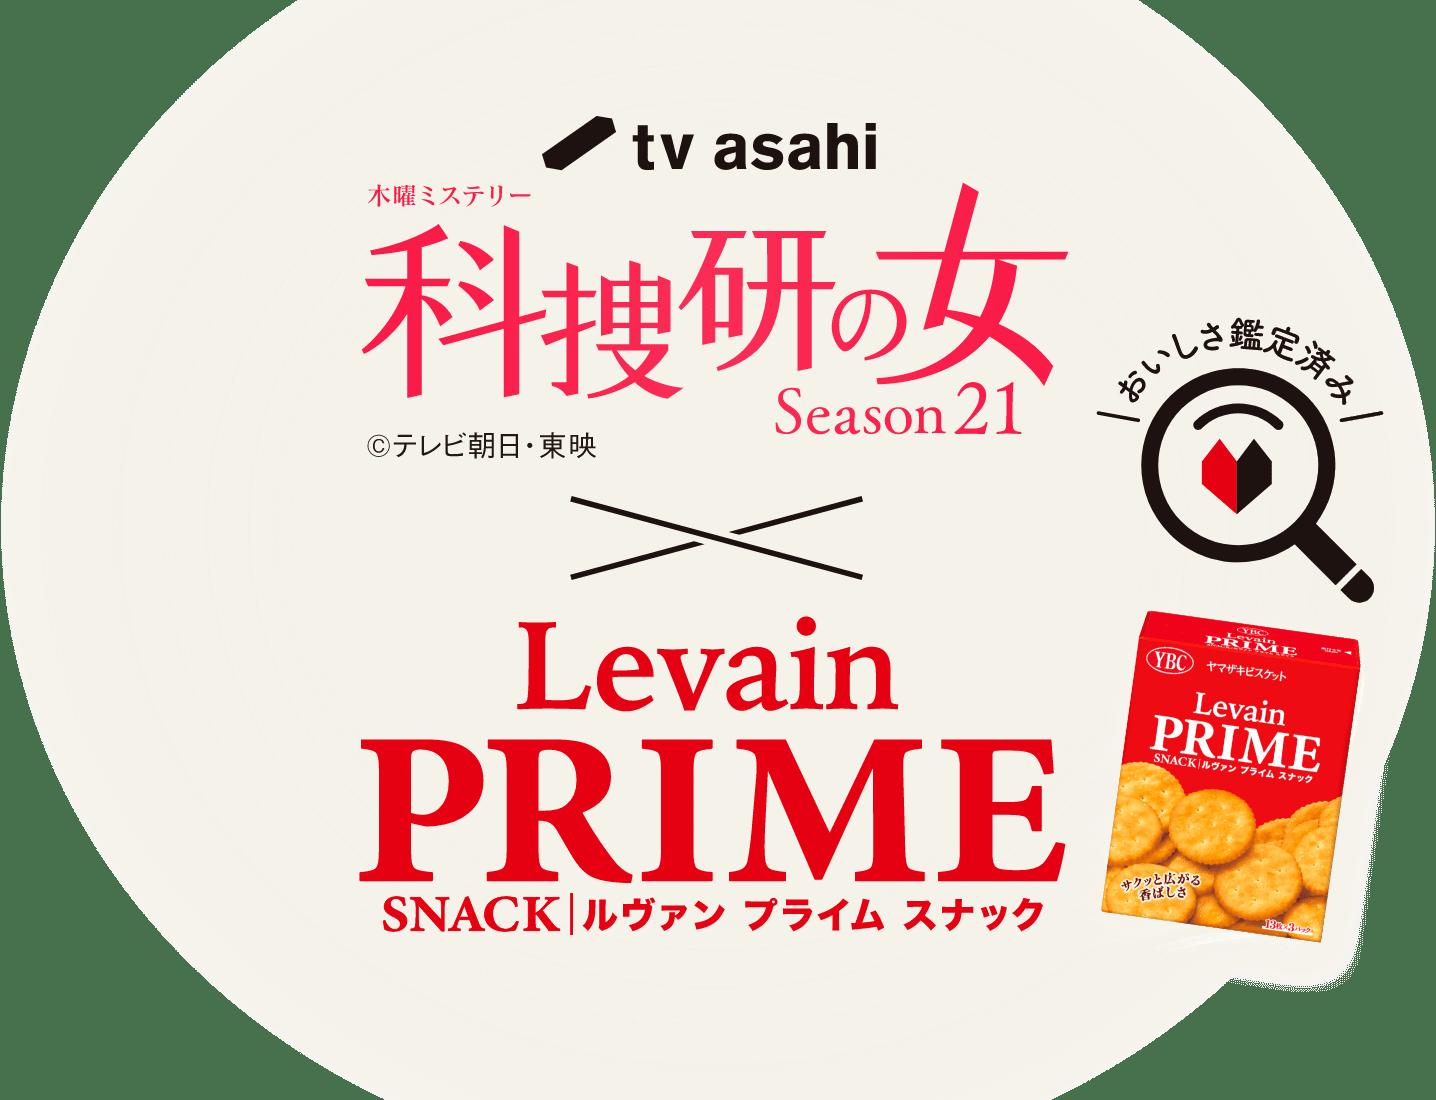 科捜研の女性xLevain PRIME おいしさ鑑定済み ルヴァンプライムを食べながら科捜研の女を観よう!キャンペーン